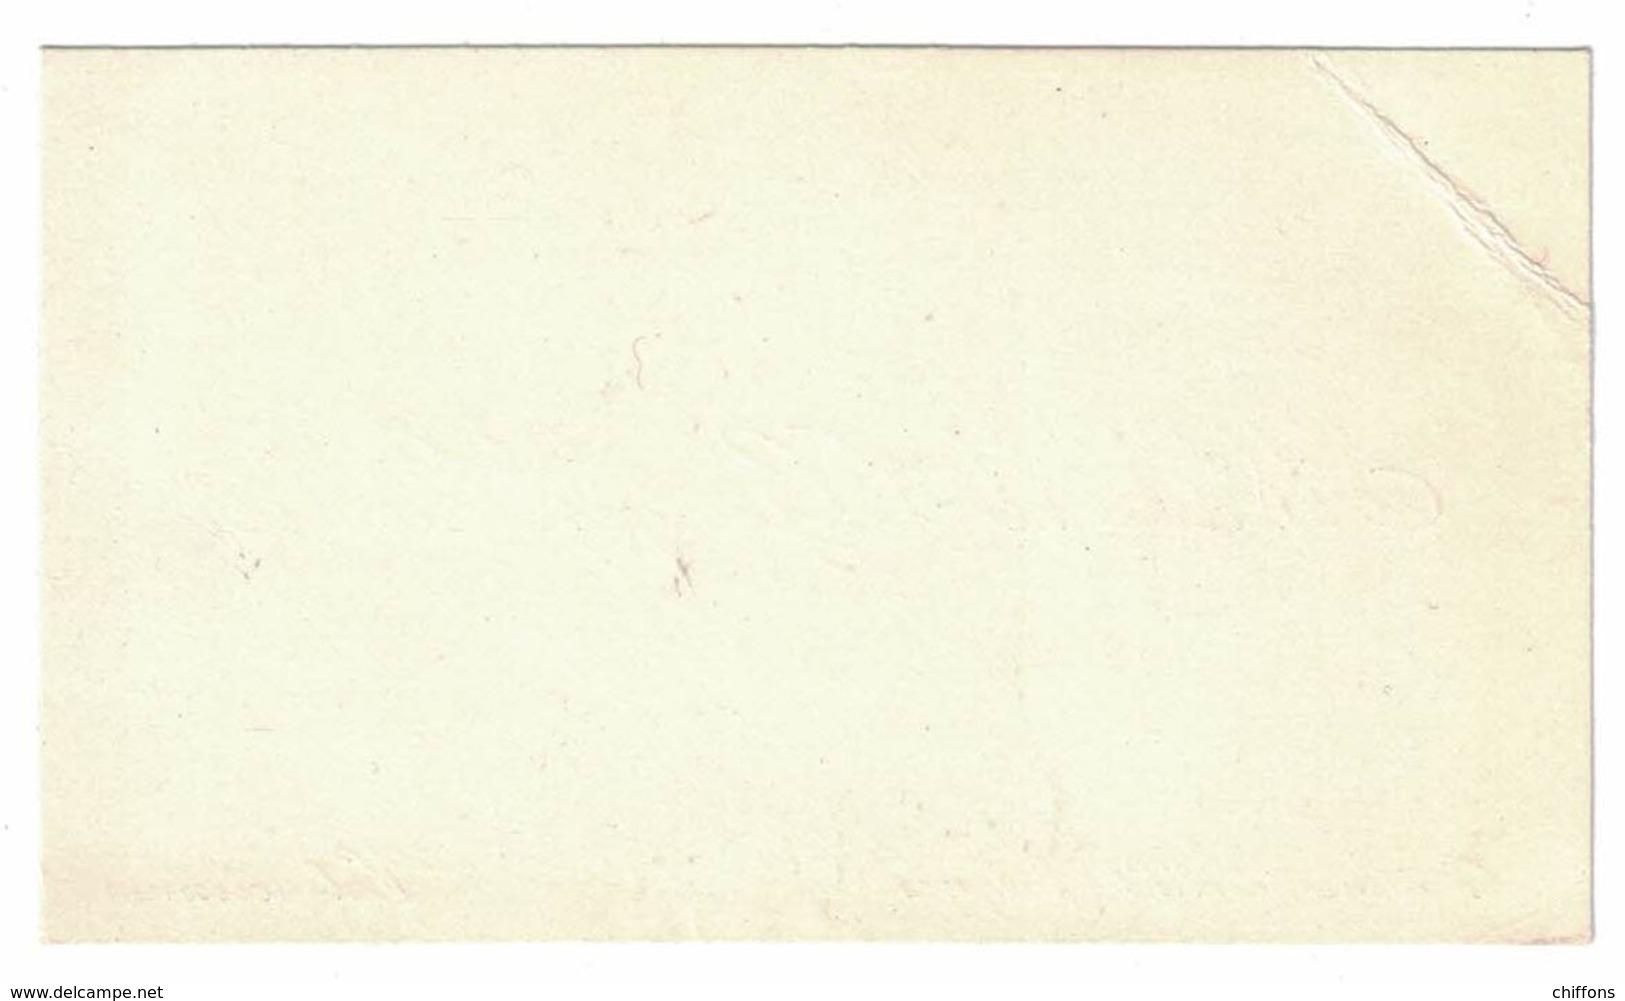 Mr & Mme GEORGES CARLIER 4 RUE SAINT-JACQUES VALENCIENNES - Cartes De Visite